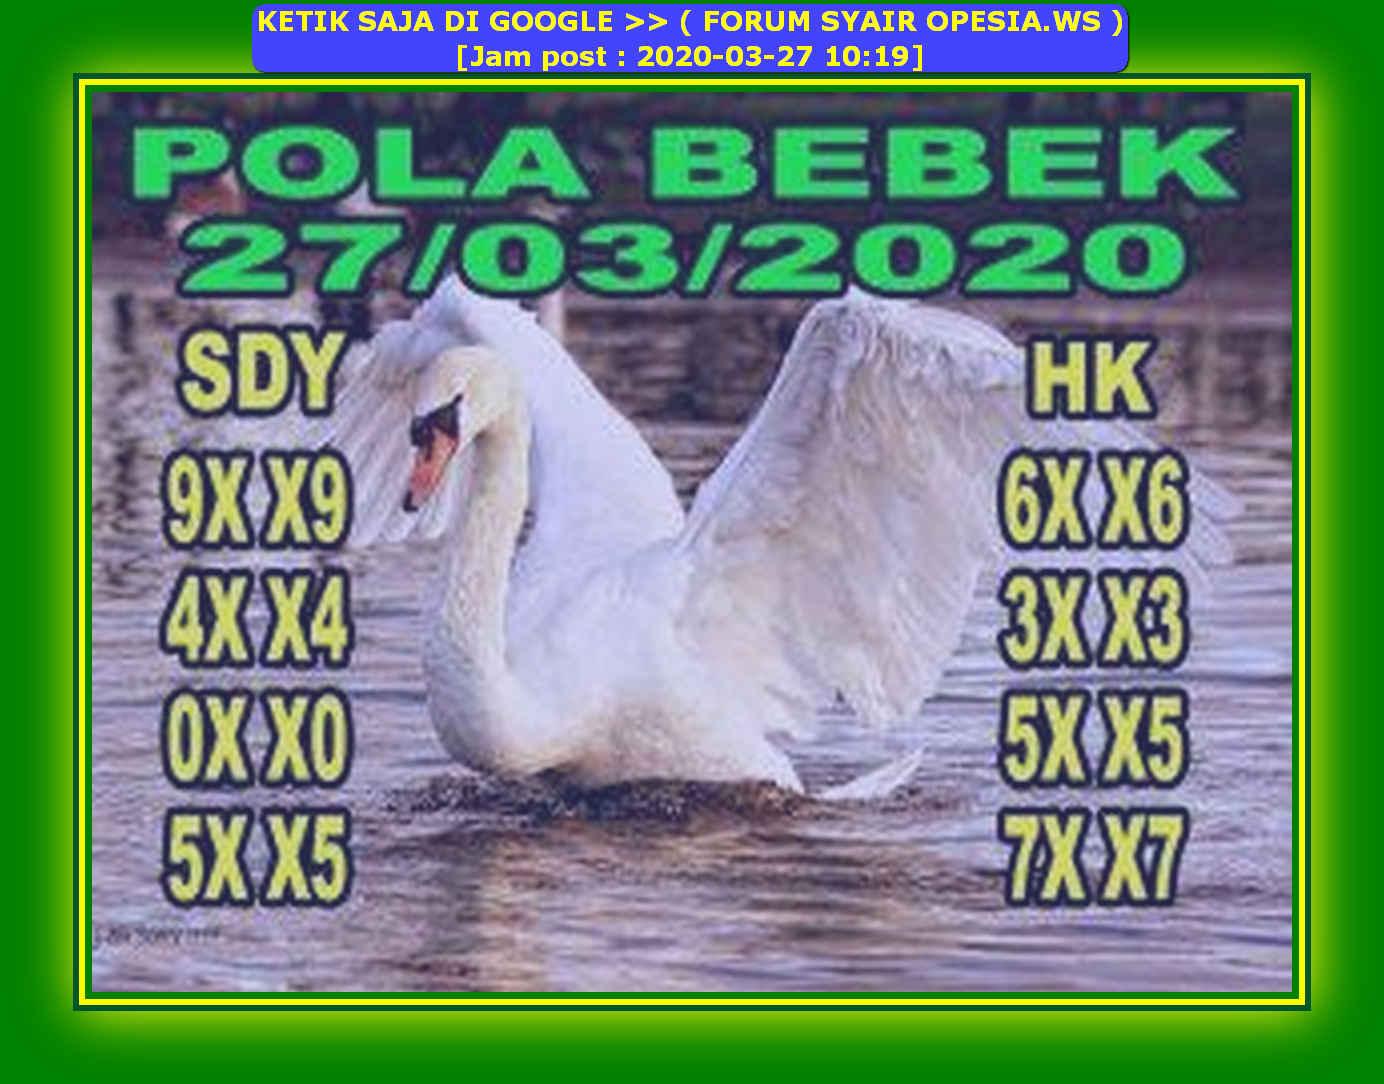 Kode syair Hongkong Jumat 27 Maret 2020 91